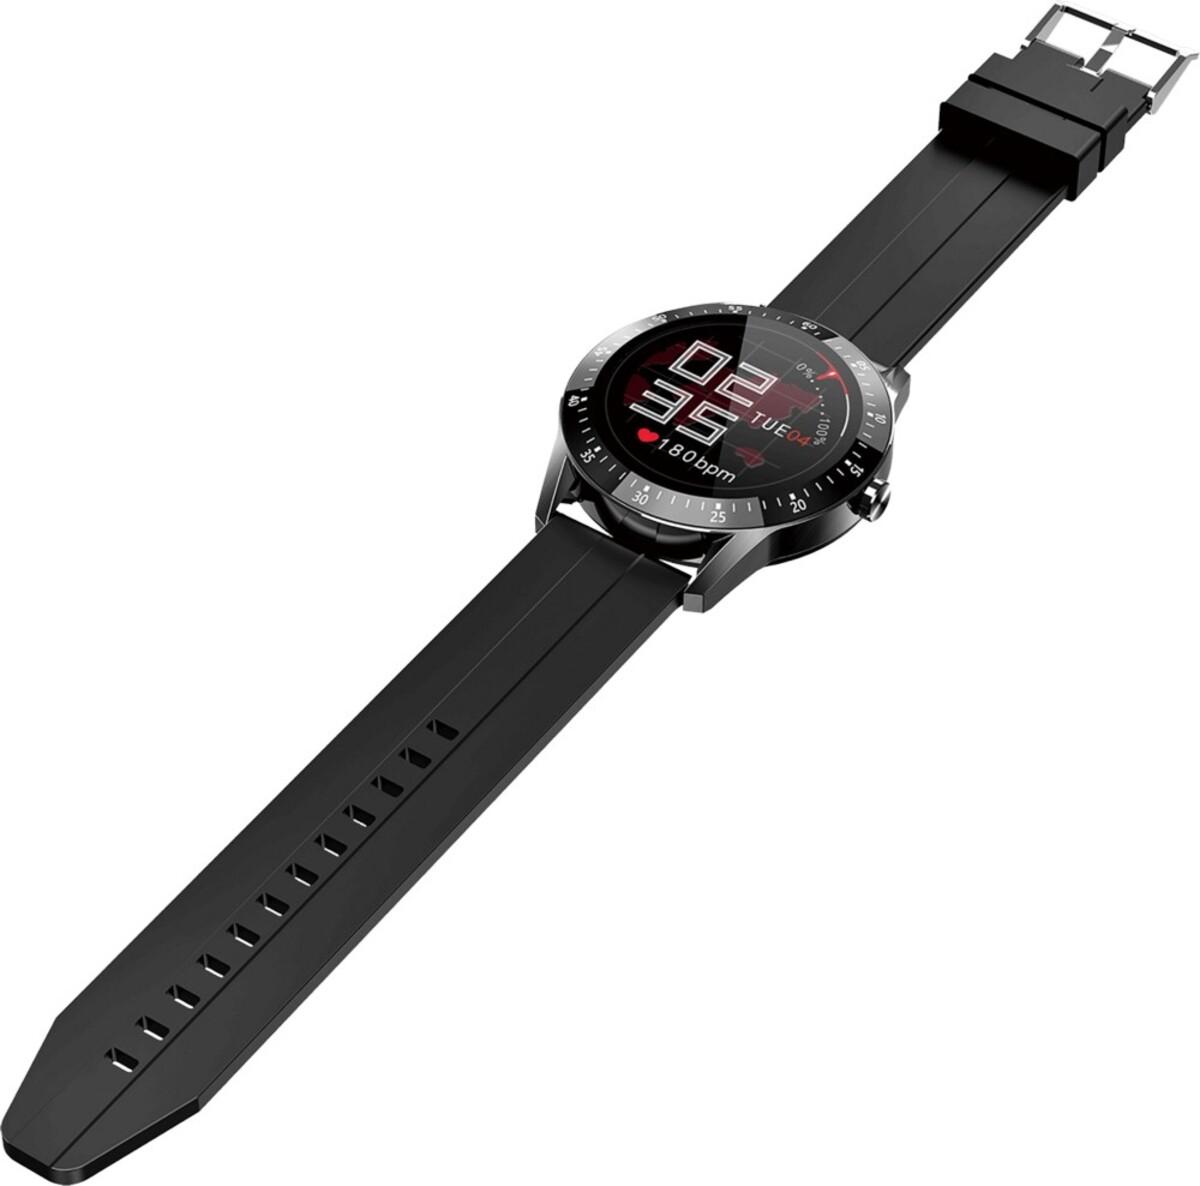 Bild 3 von Jay-Tech Smartwatch SWS11 Schwarz